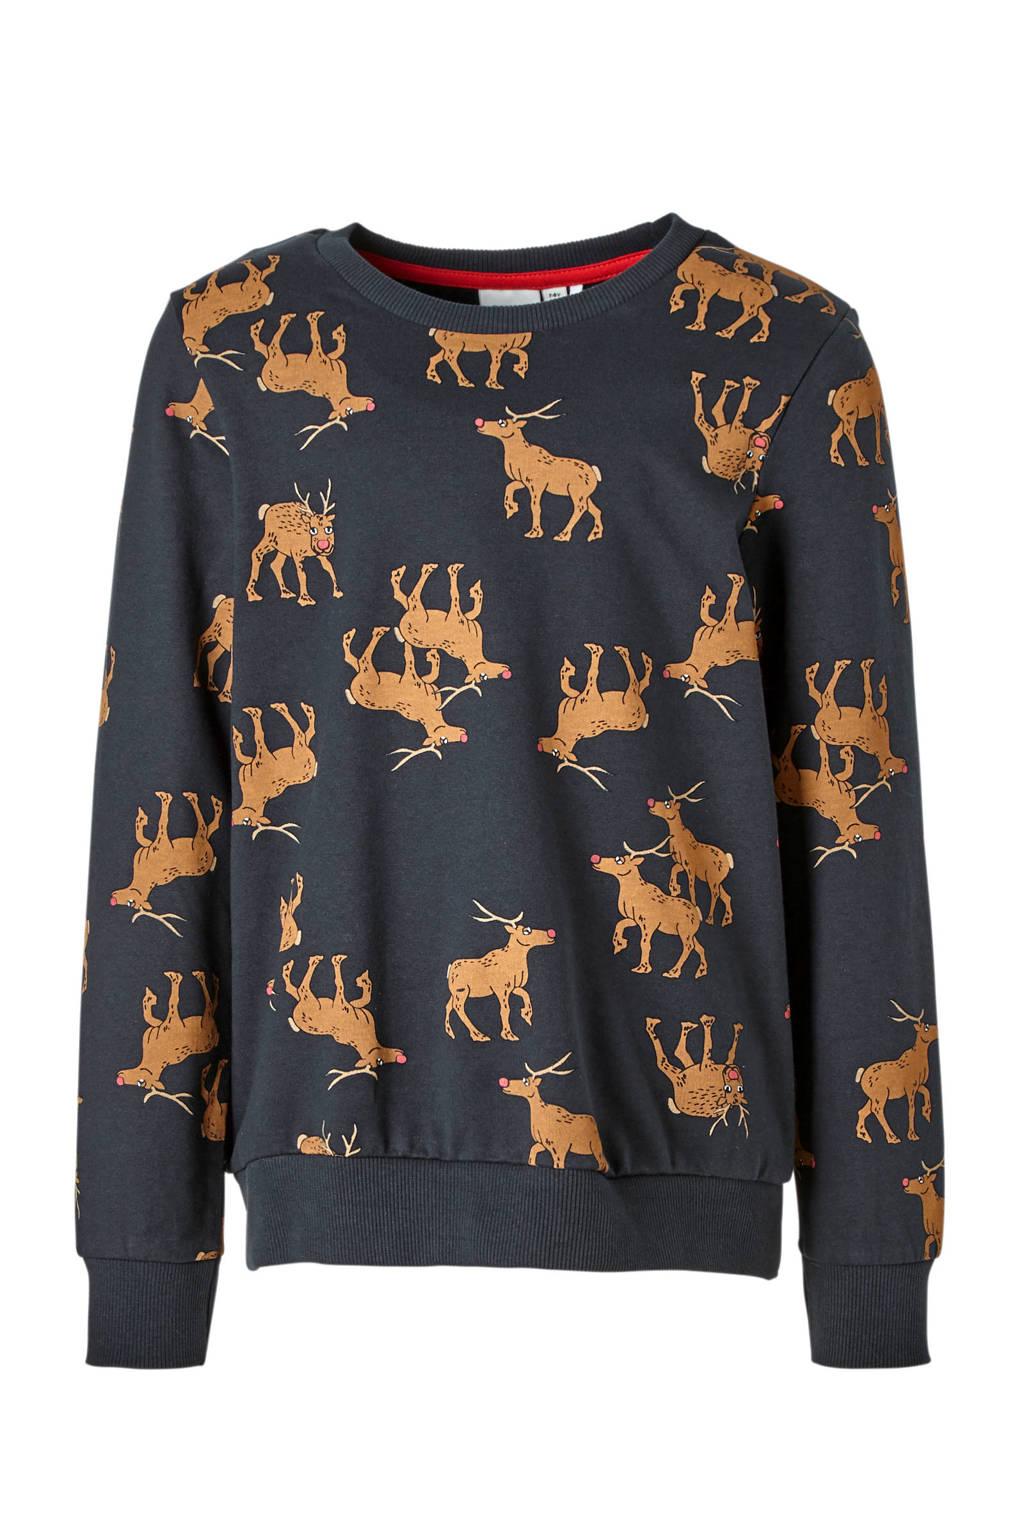 name it KIDS sweater met rendieren donkerblauw, Donkerblauw